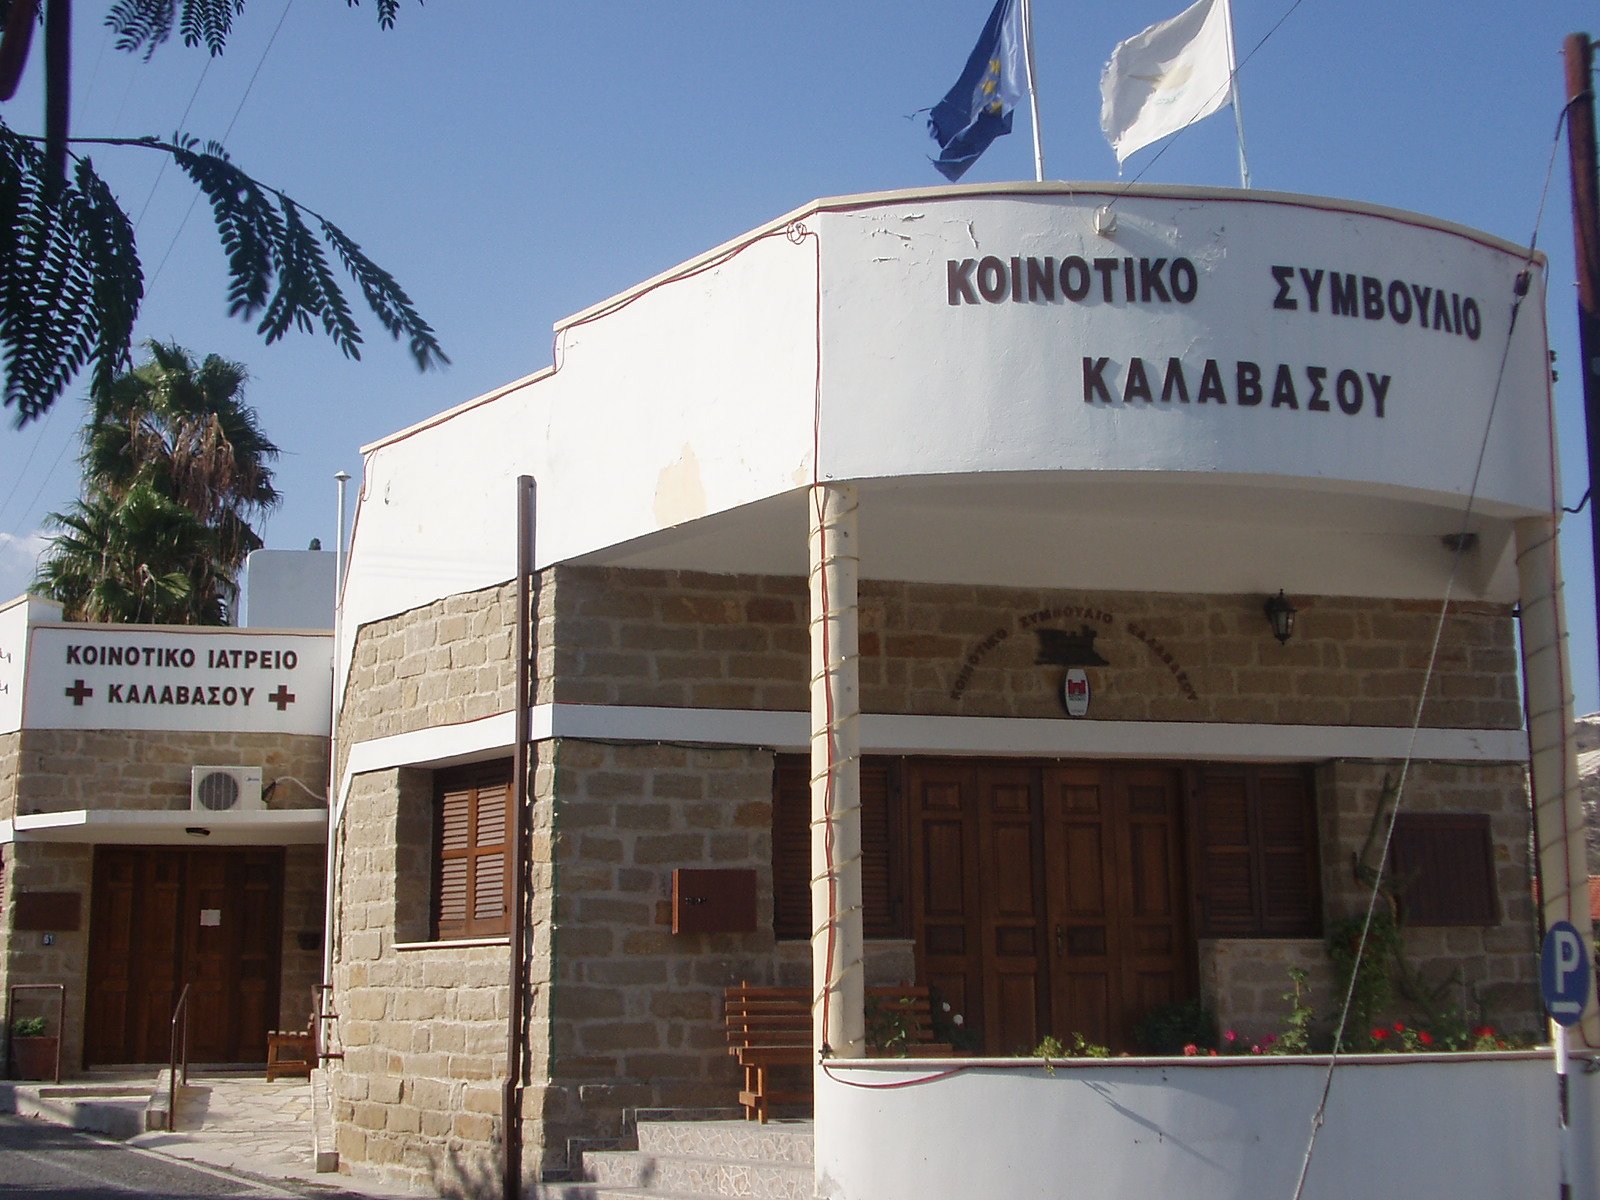 Καλαβασός: Διαφώνησαν για €150, έμεινε άδειο το κτήριο